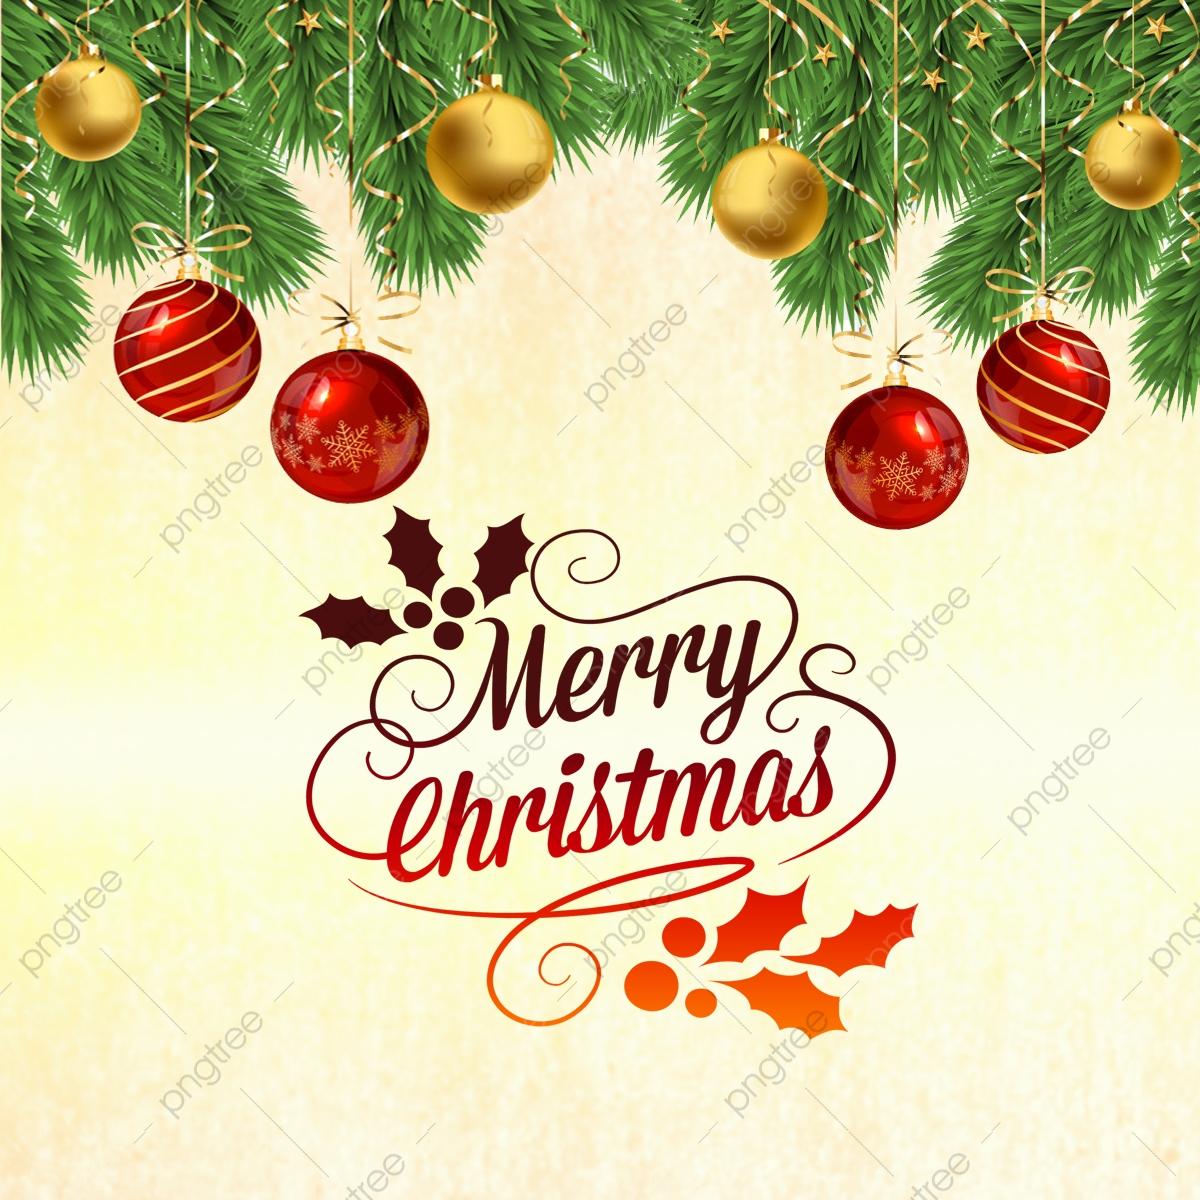 Merry Christmas, Happy Christmas, Christmas2018 PNG.